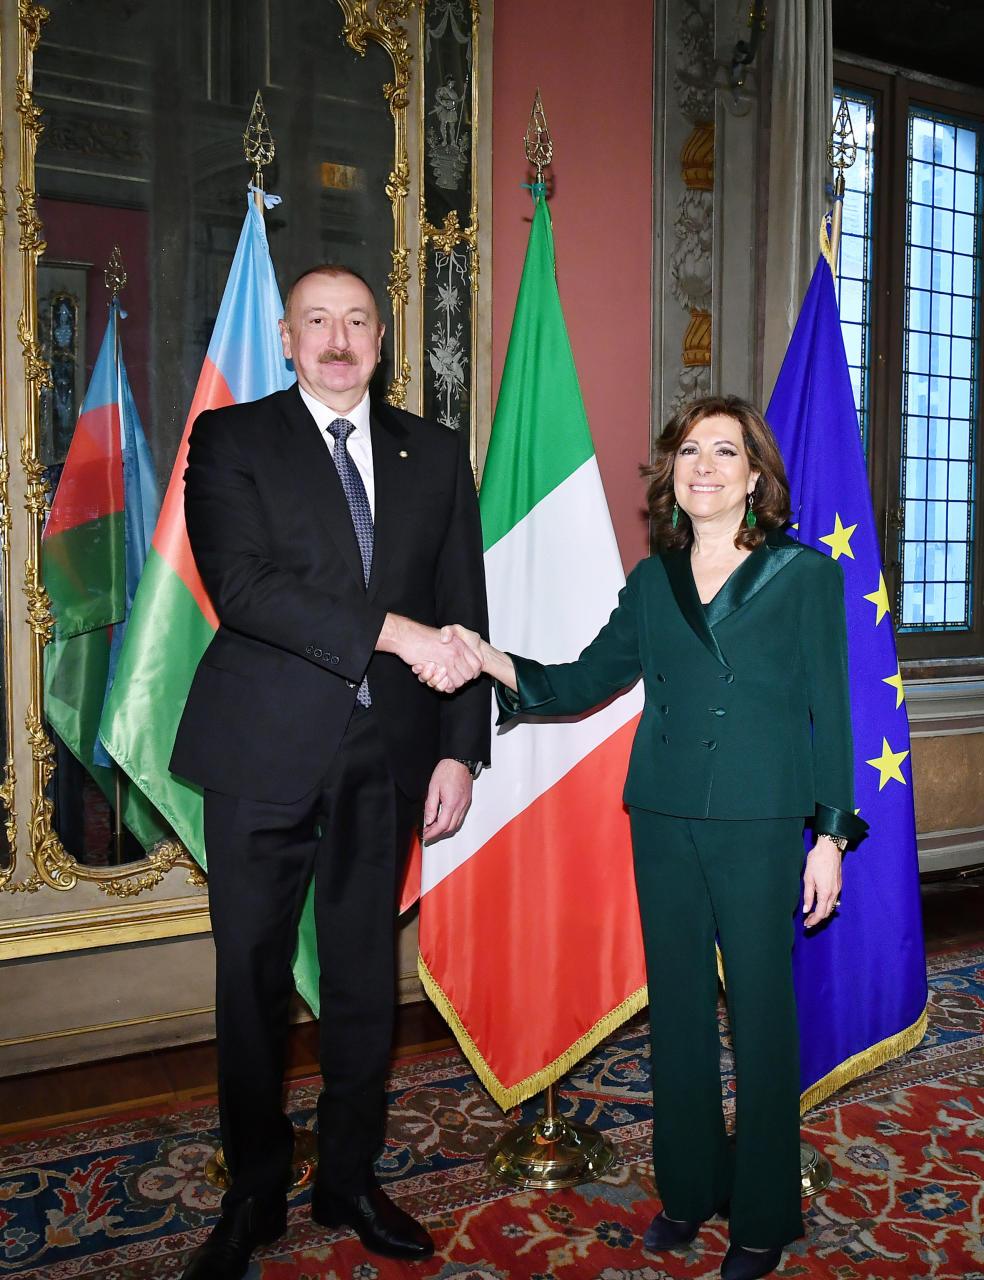 На встрече с председателем Сената Италии подчеркнут высокий уровень связей между двумя странами